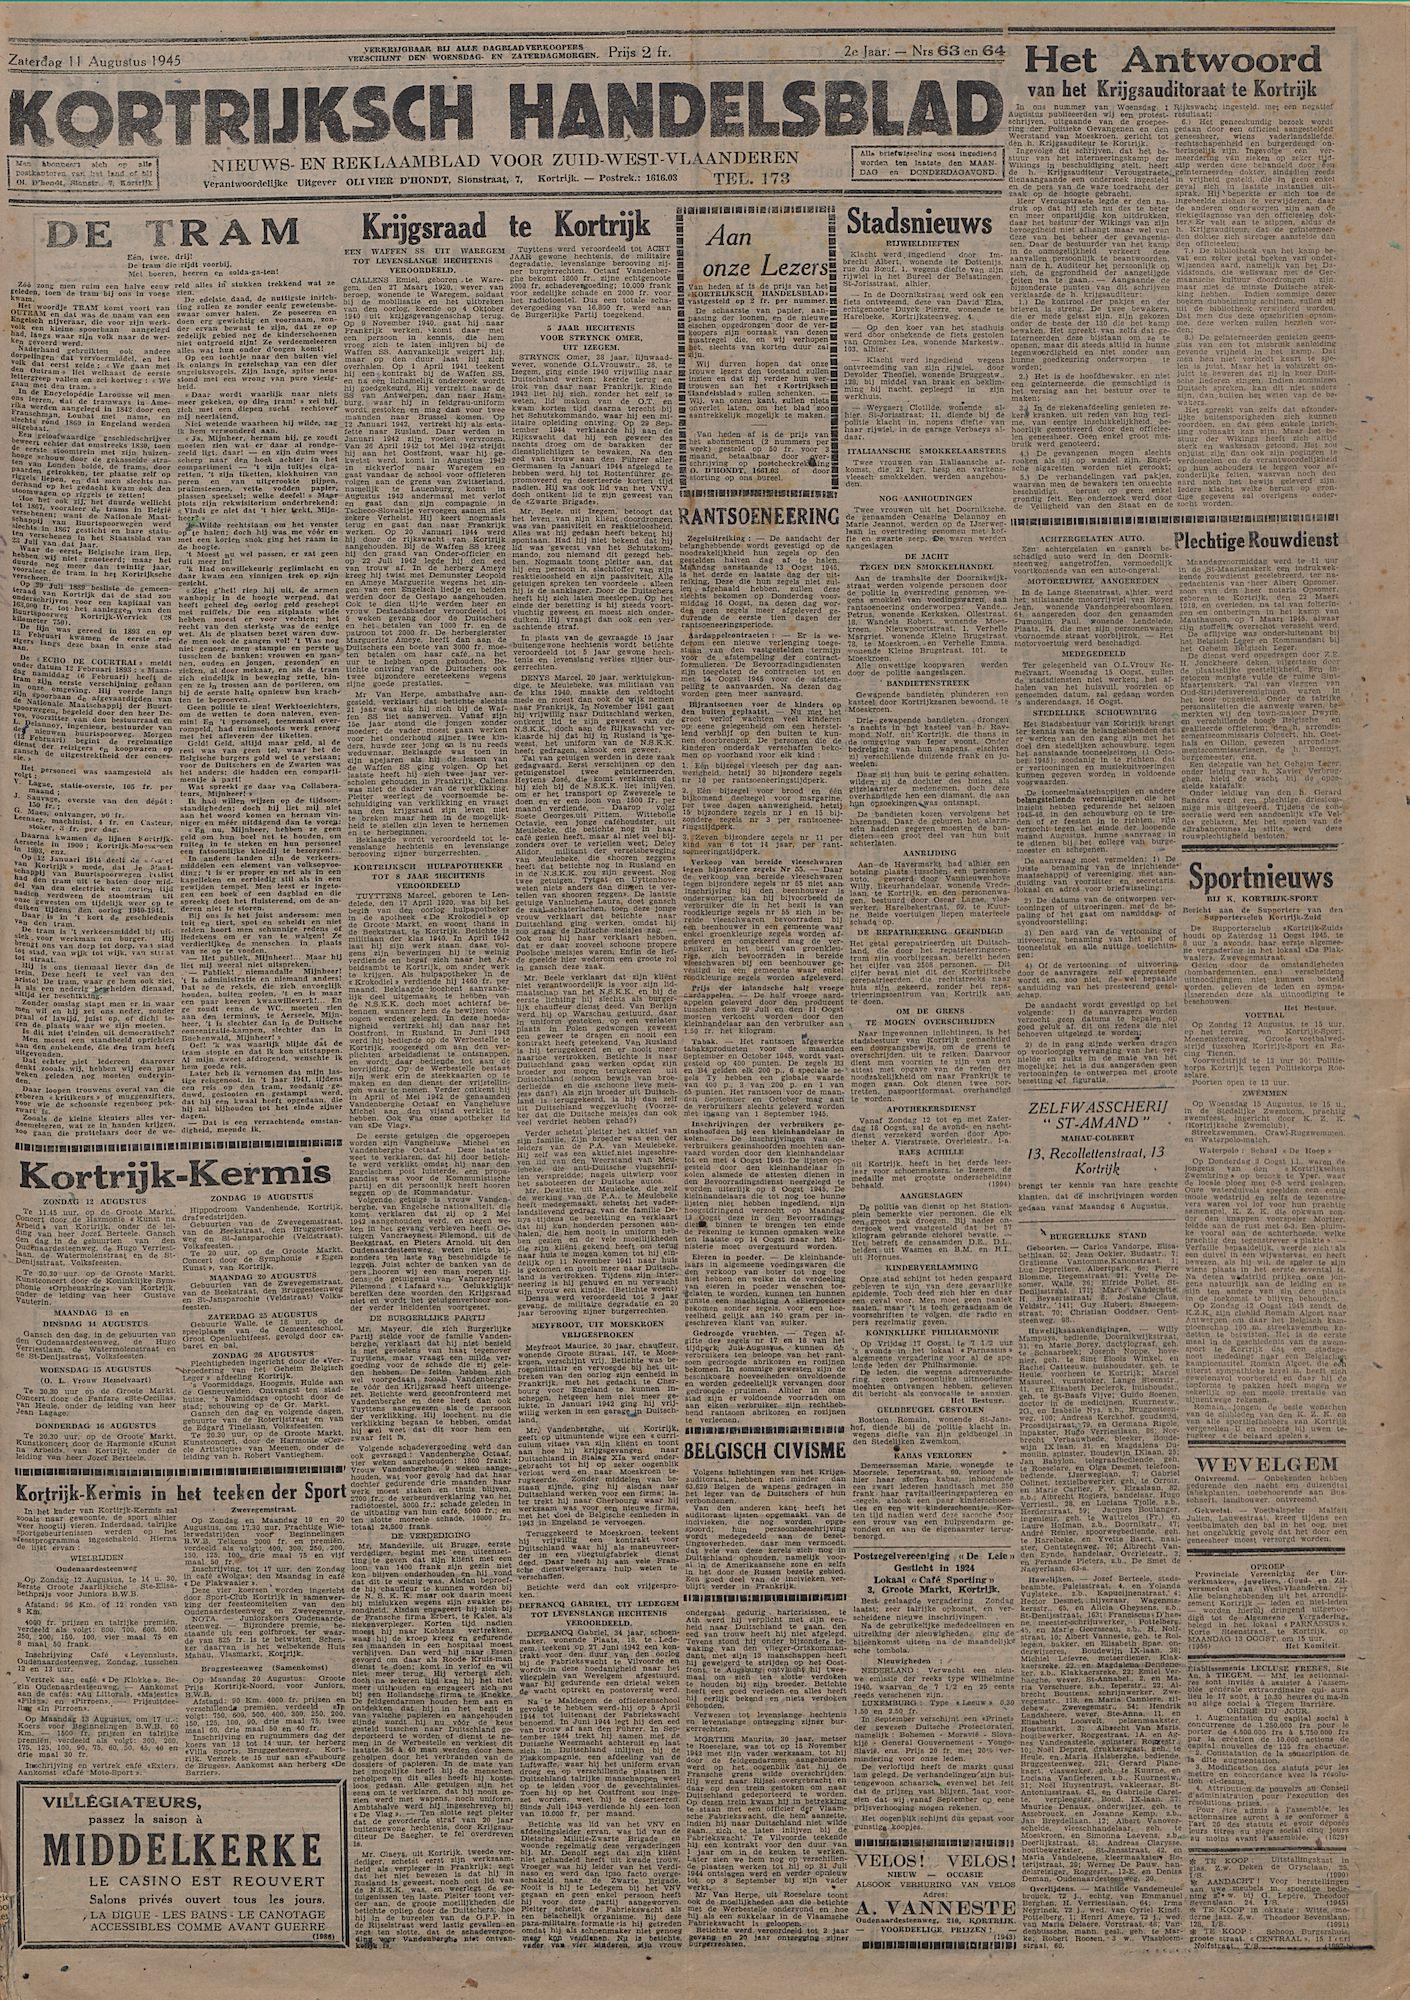 Kortrijksch Handelsblad 11 augustus 1945 Nr63 en 64 p1